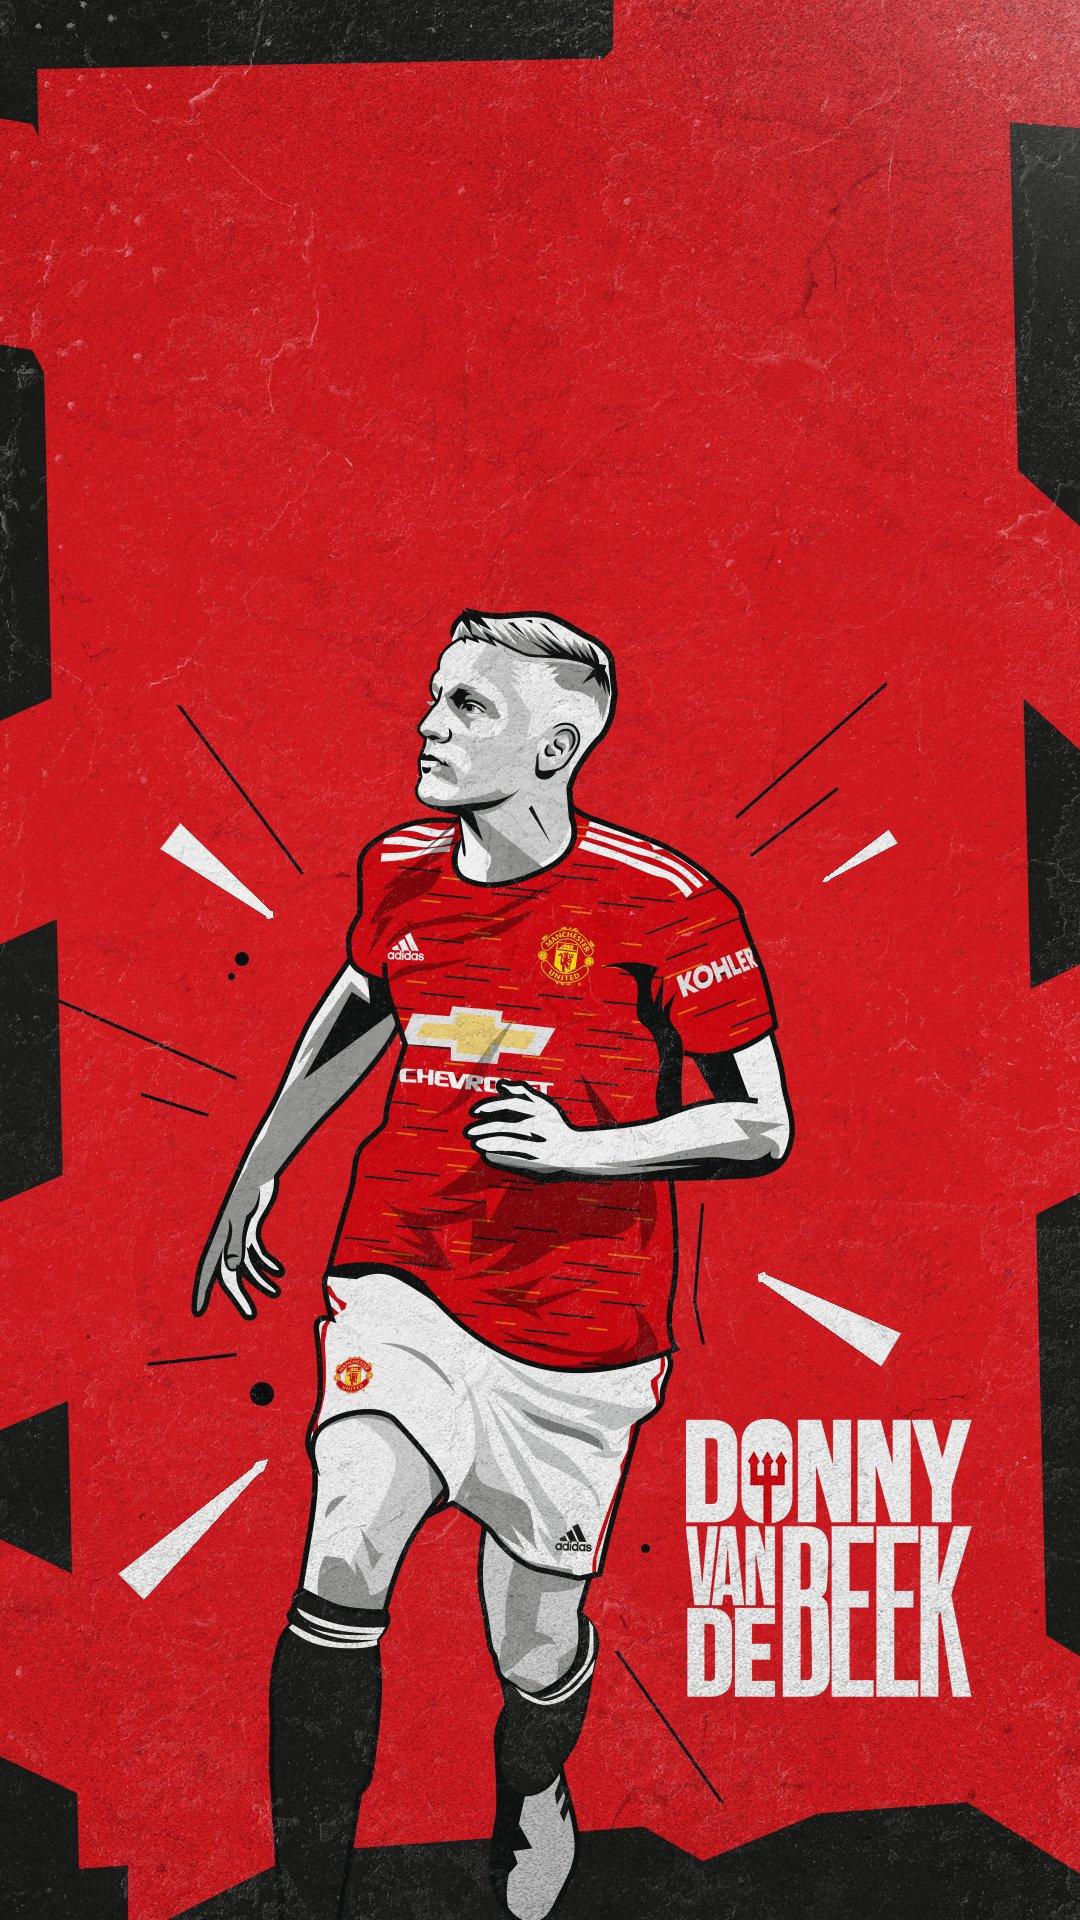 Donny Van De Beek Manchester United Wallpapers Wallpaper Cave